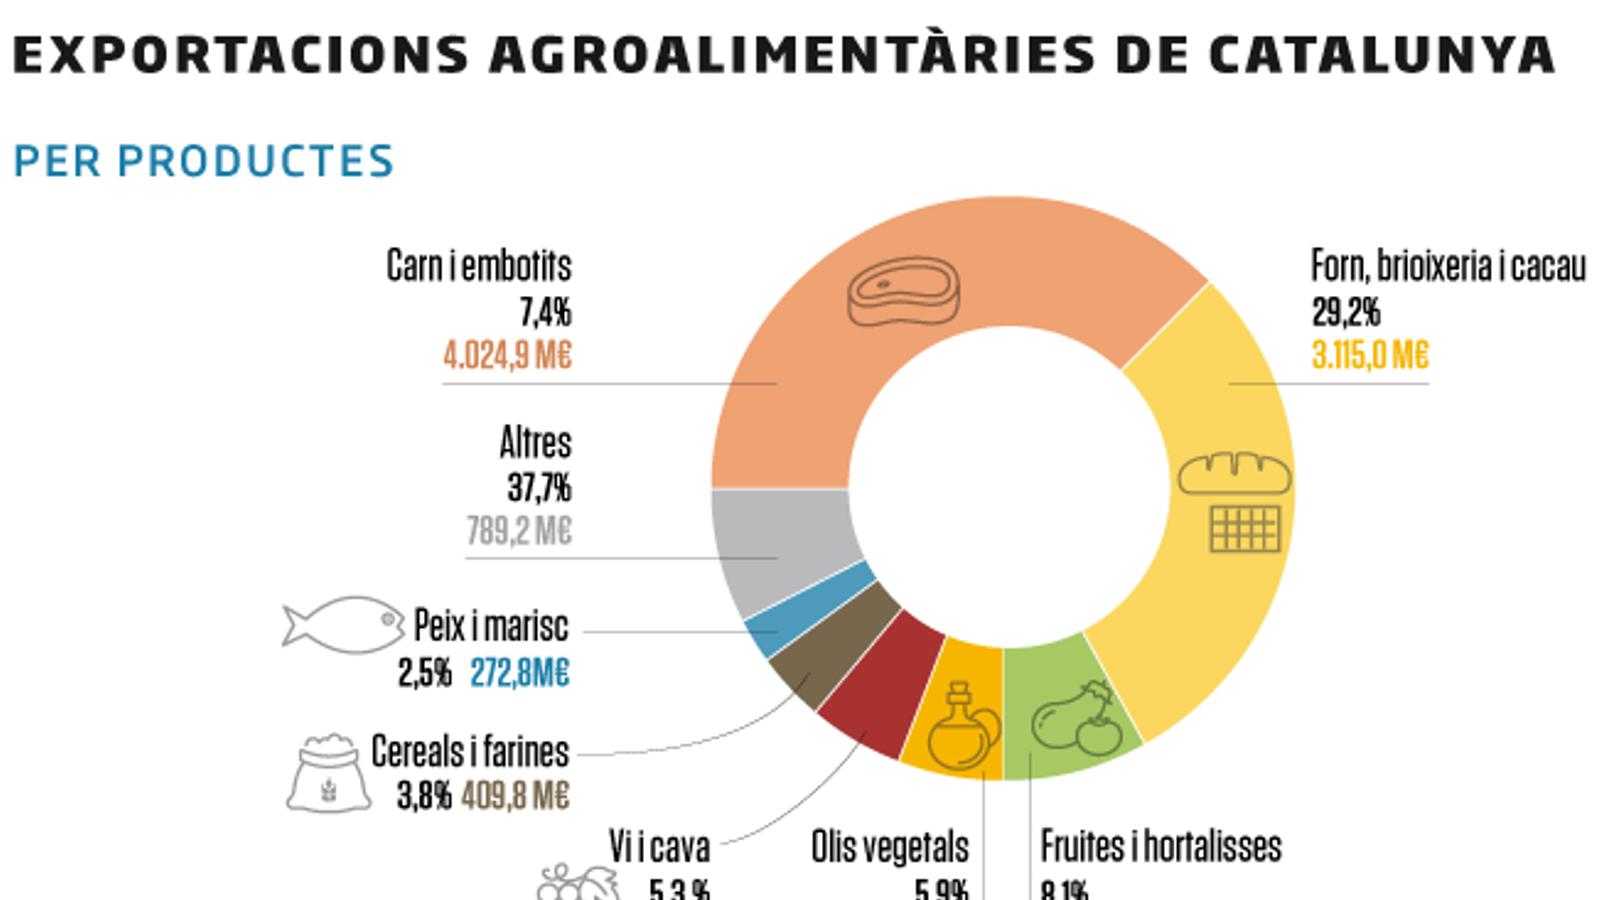 Catalunya supera per primer cop els 10.000 M€ d'exportacions agroalimentàries